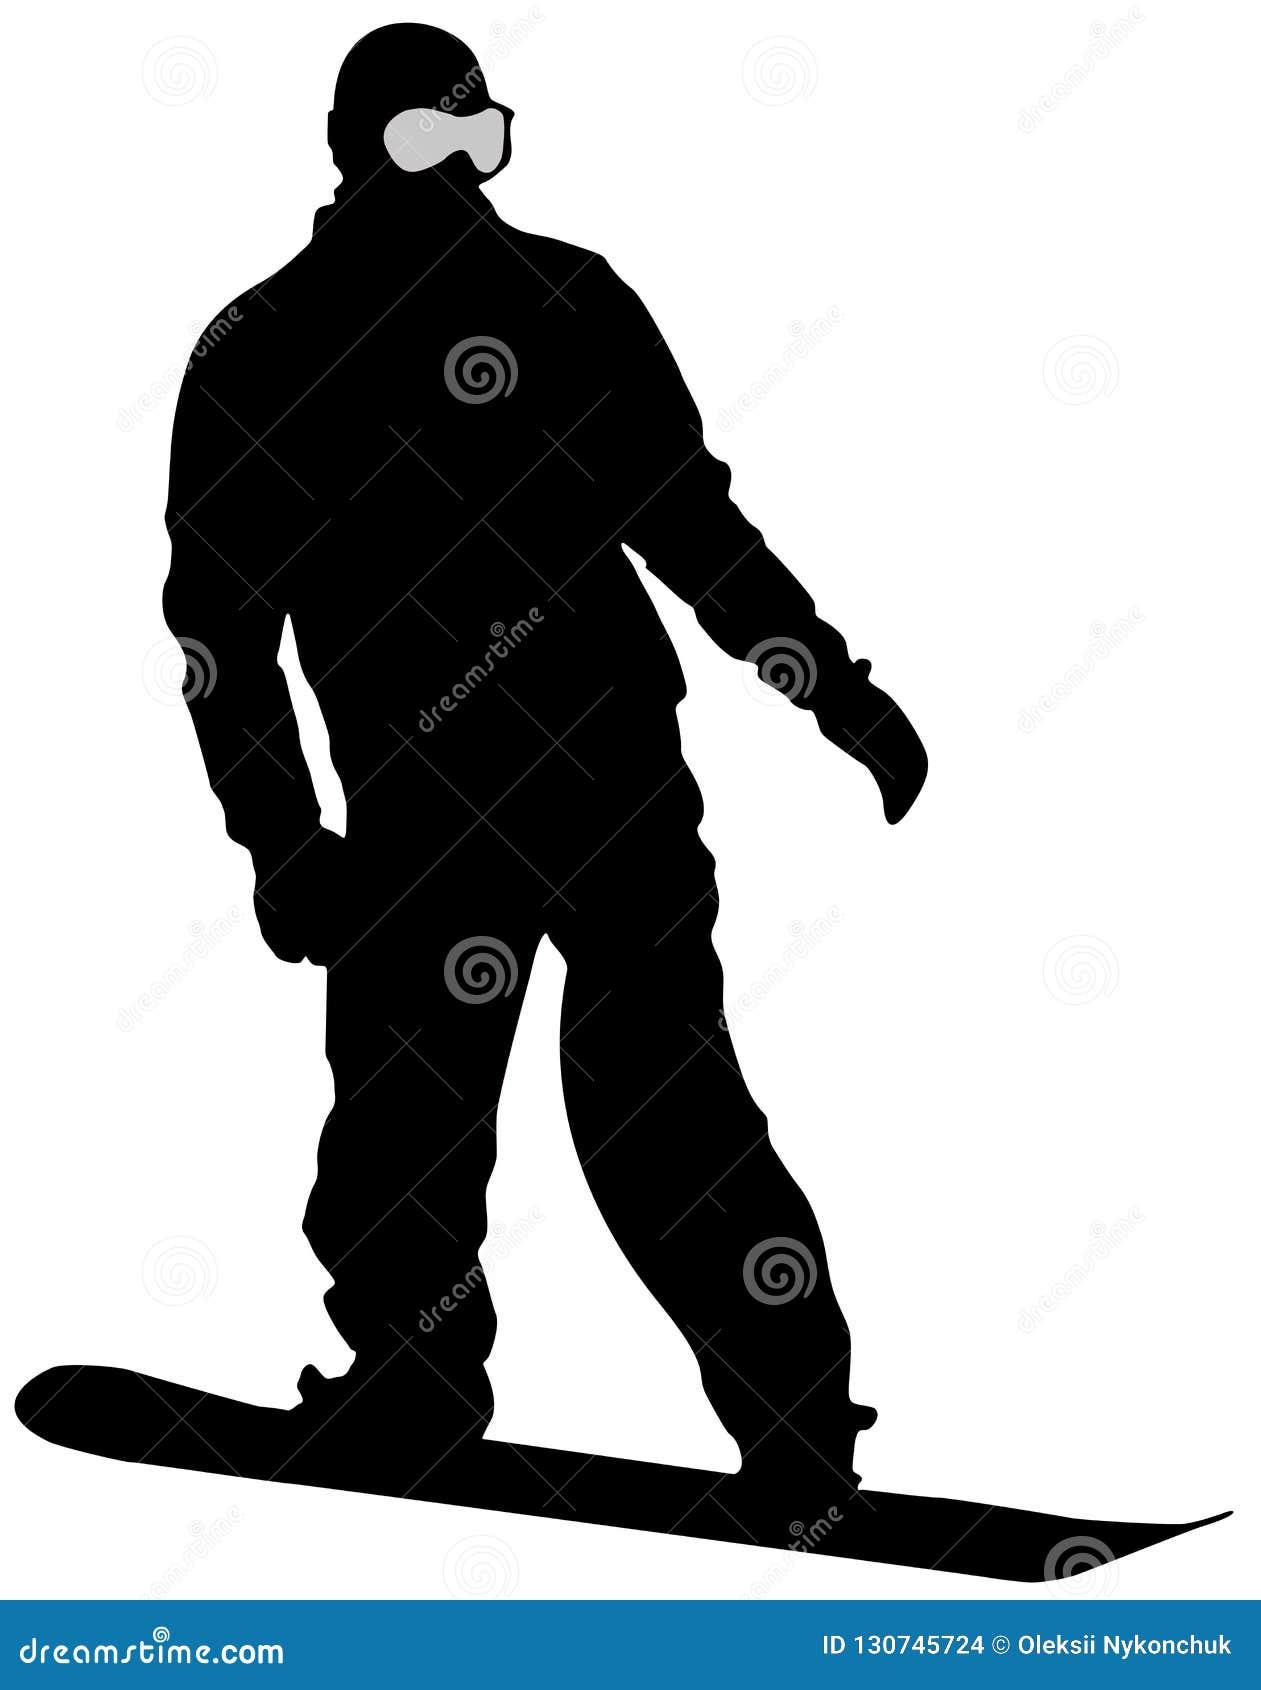 Icona piana dello Snowboarder nero su fondo bianco